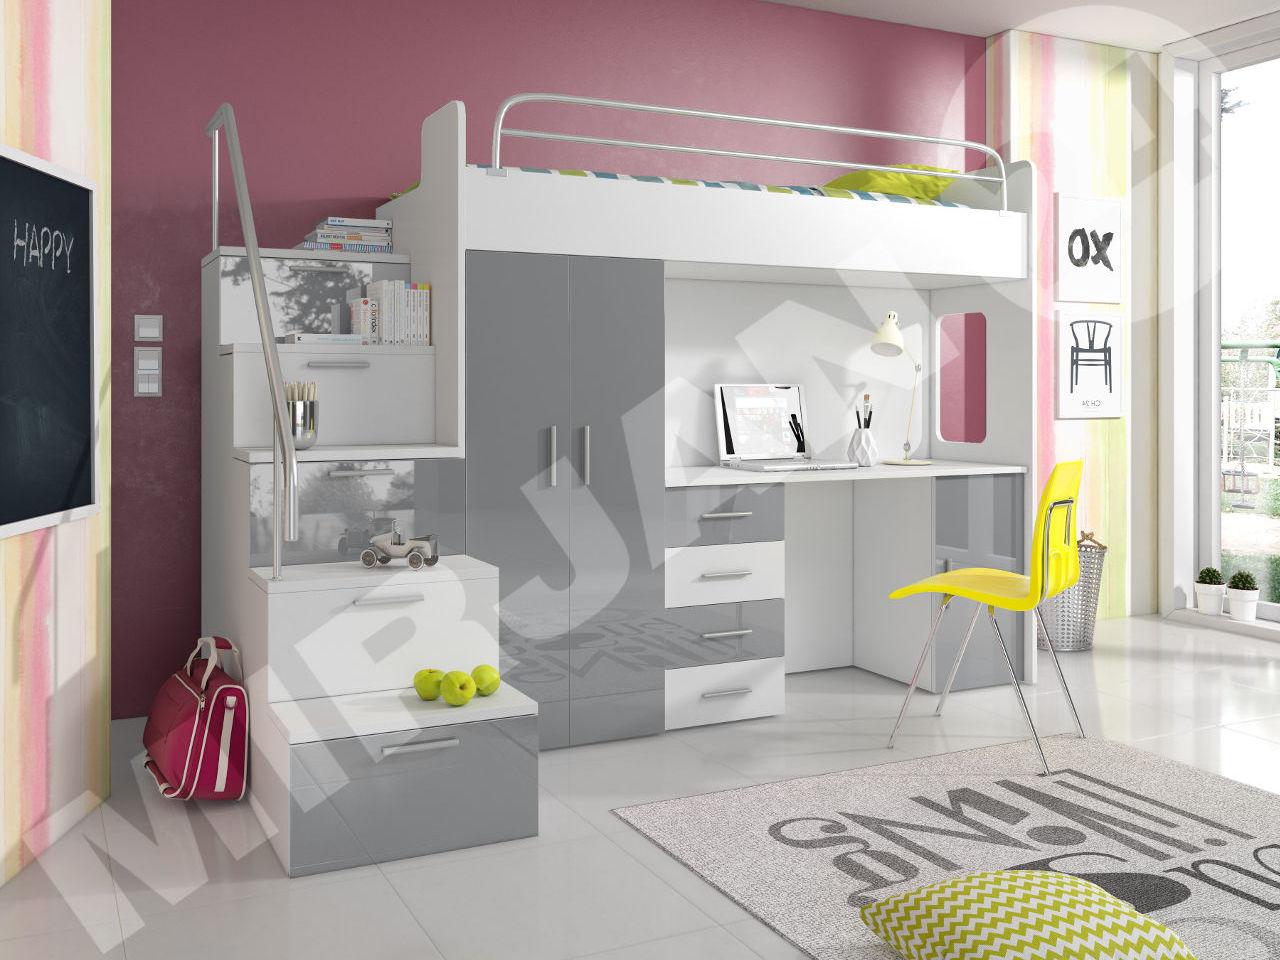 Hochbett Etagenbett Multimo 4s Kinderbett mit Schreibtisch und ...